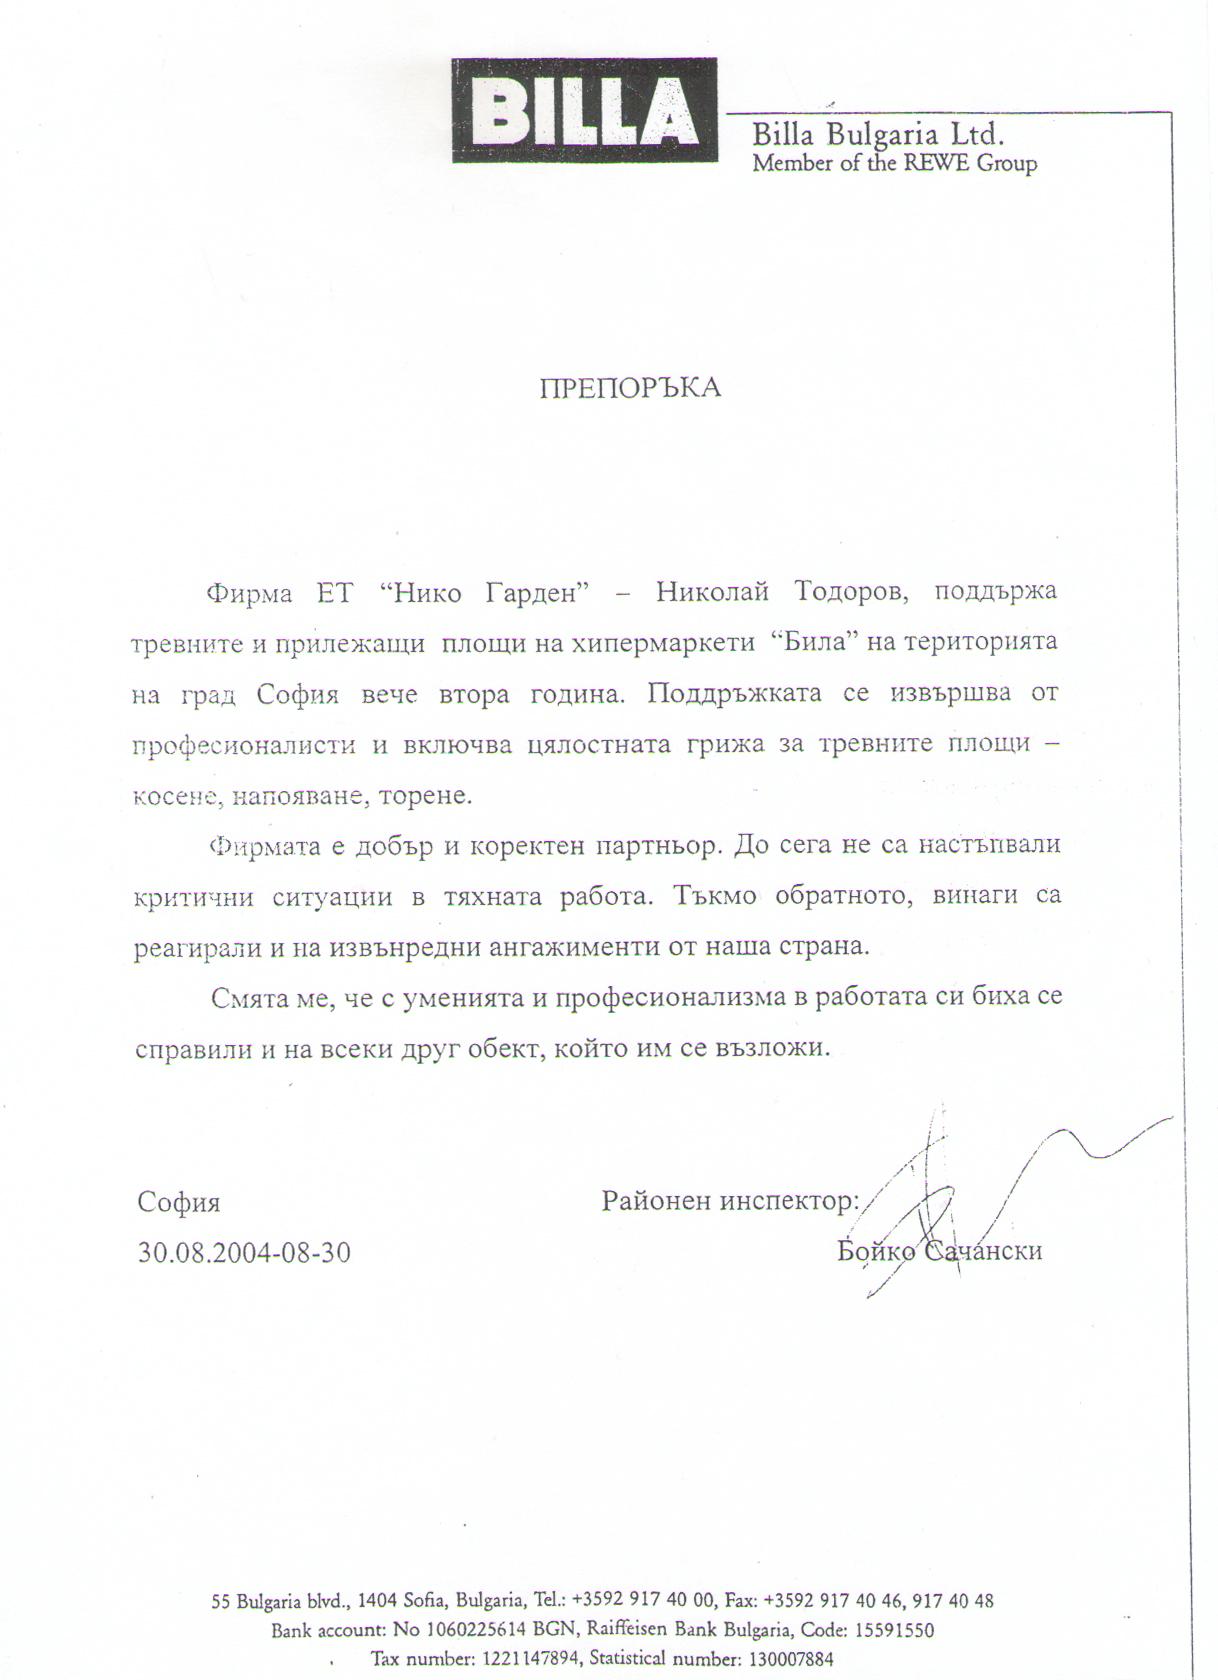 Референция за озеленяване от Billa Bulgaria Ltd.